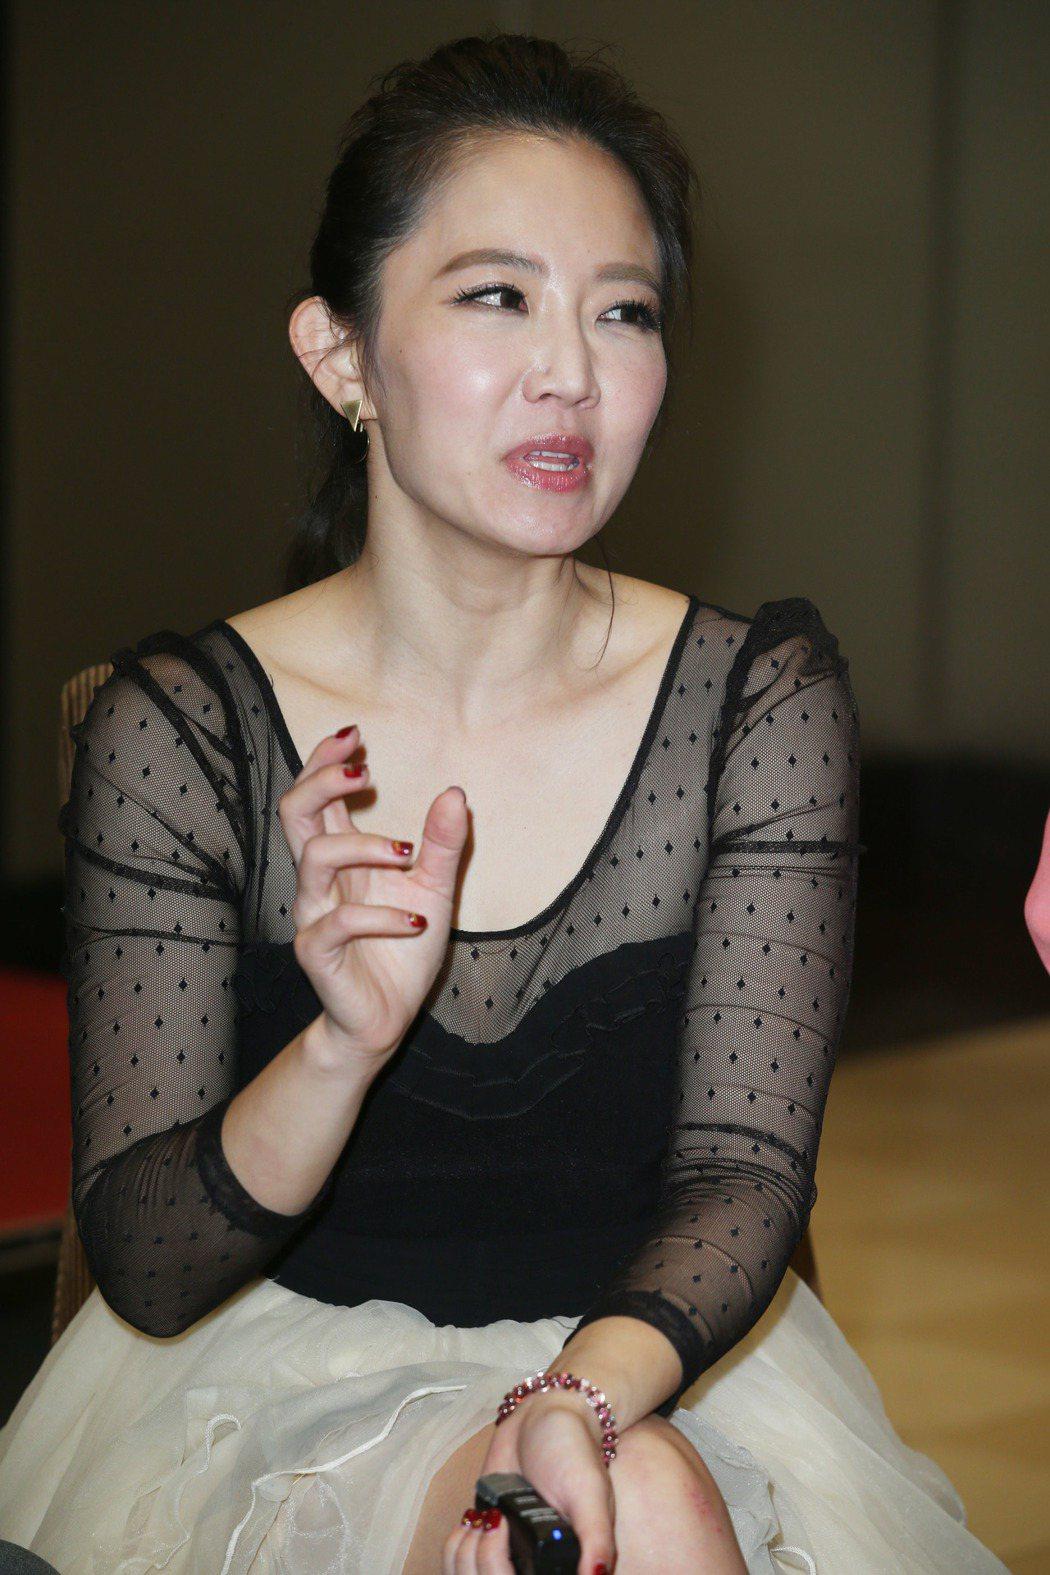 謝忻談綜藝大集合主持甘苦。記者陳瑞源/攝影